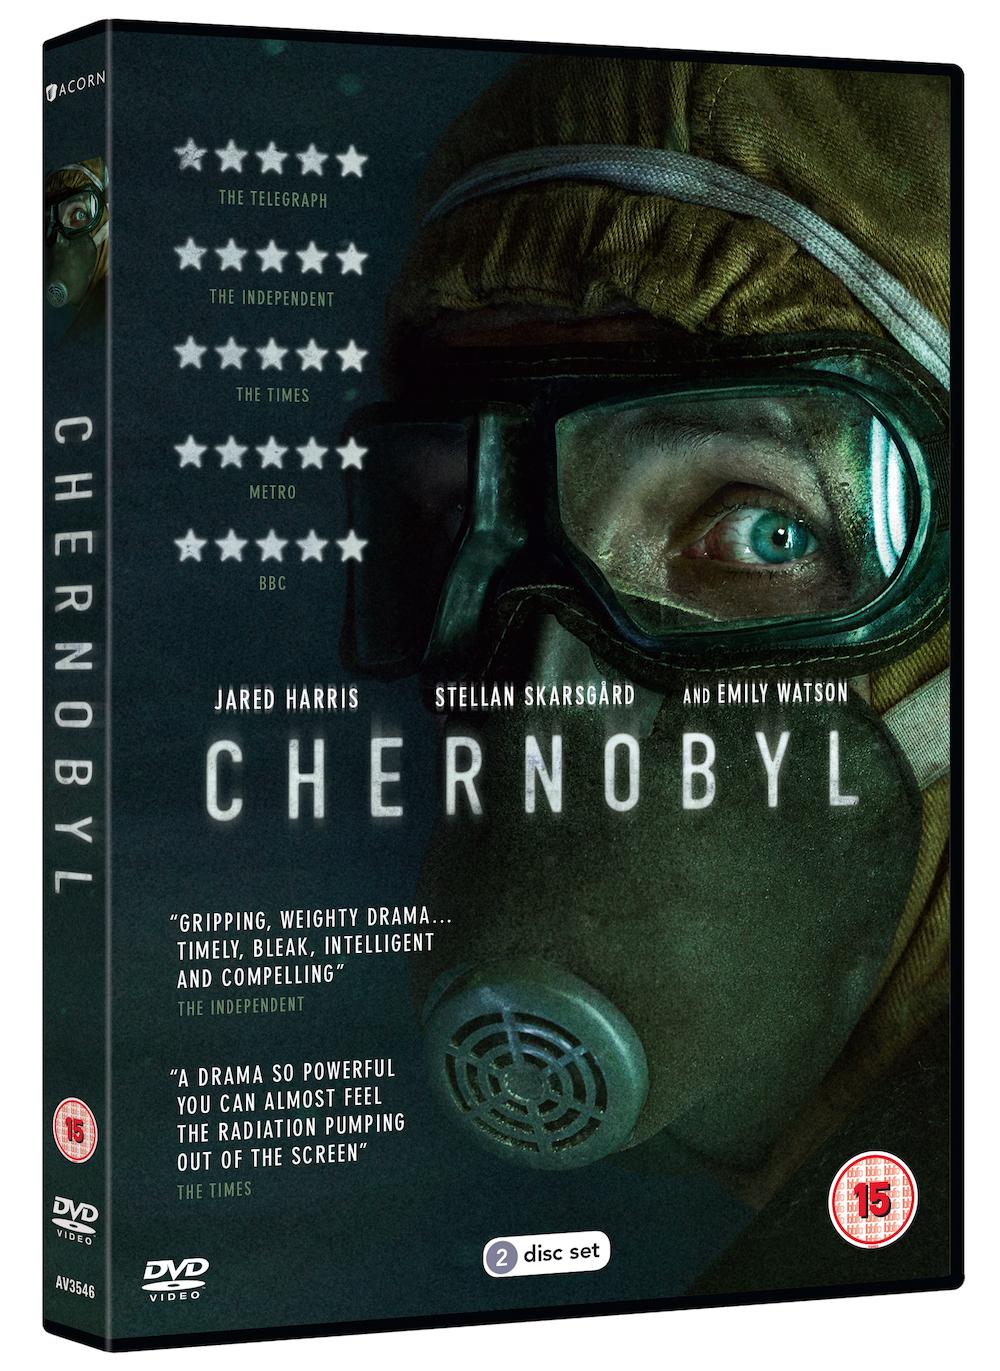 Chernobyl DVD